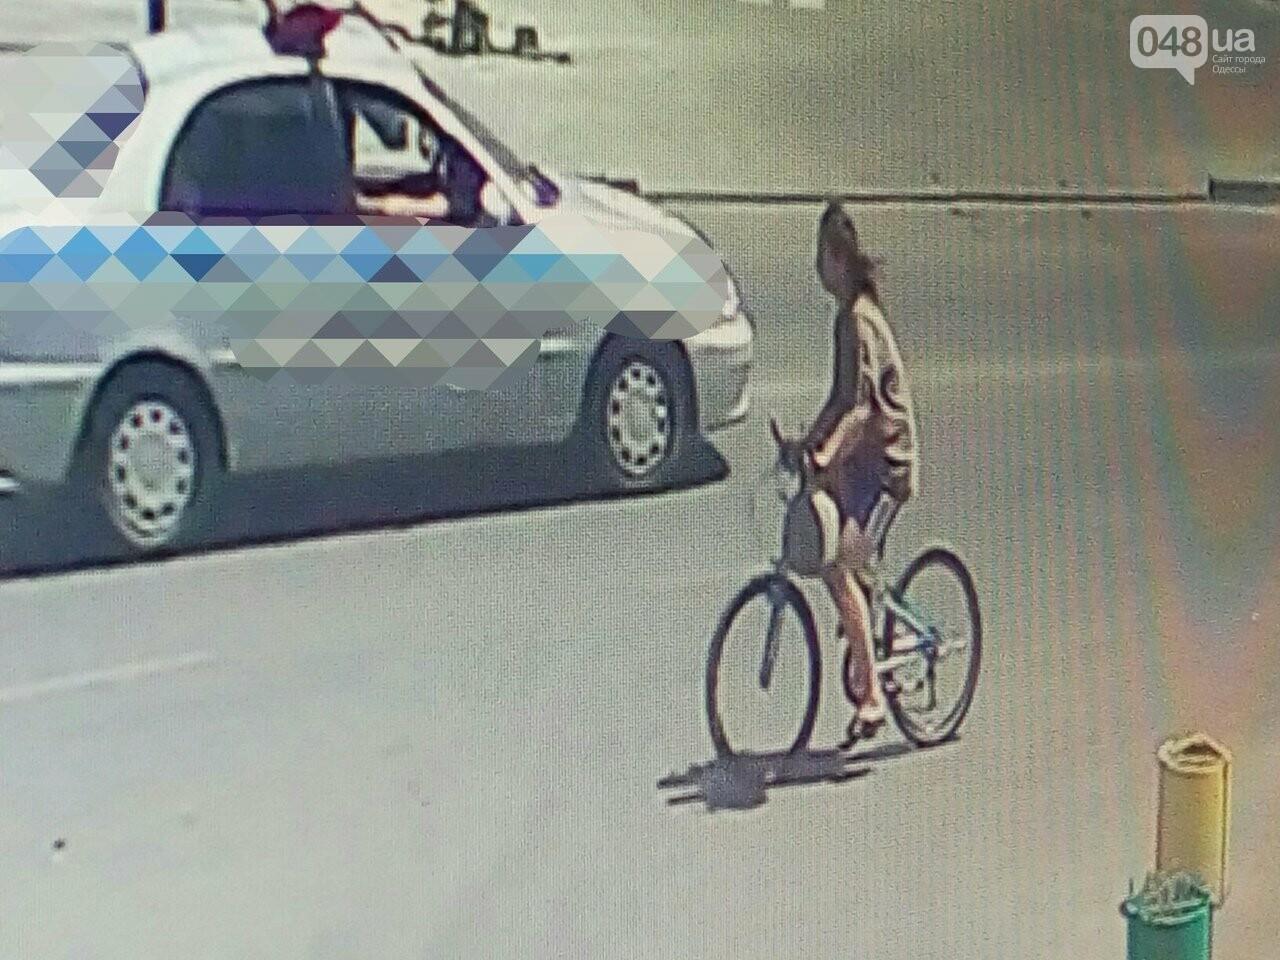 Как в Одессе девушка угоняет велосипеды: опубликованы видео и фото, фото-1